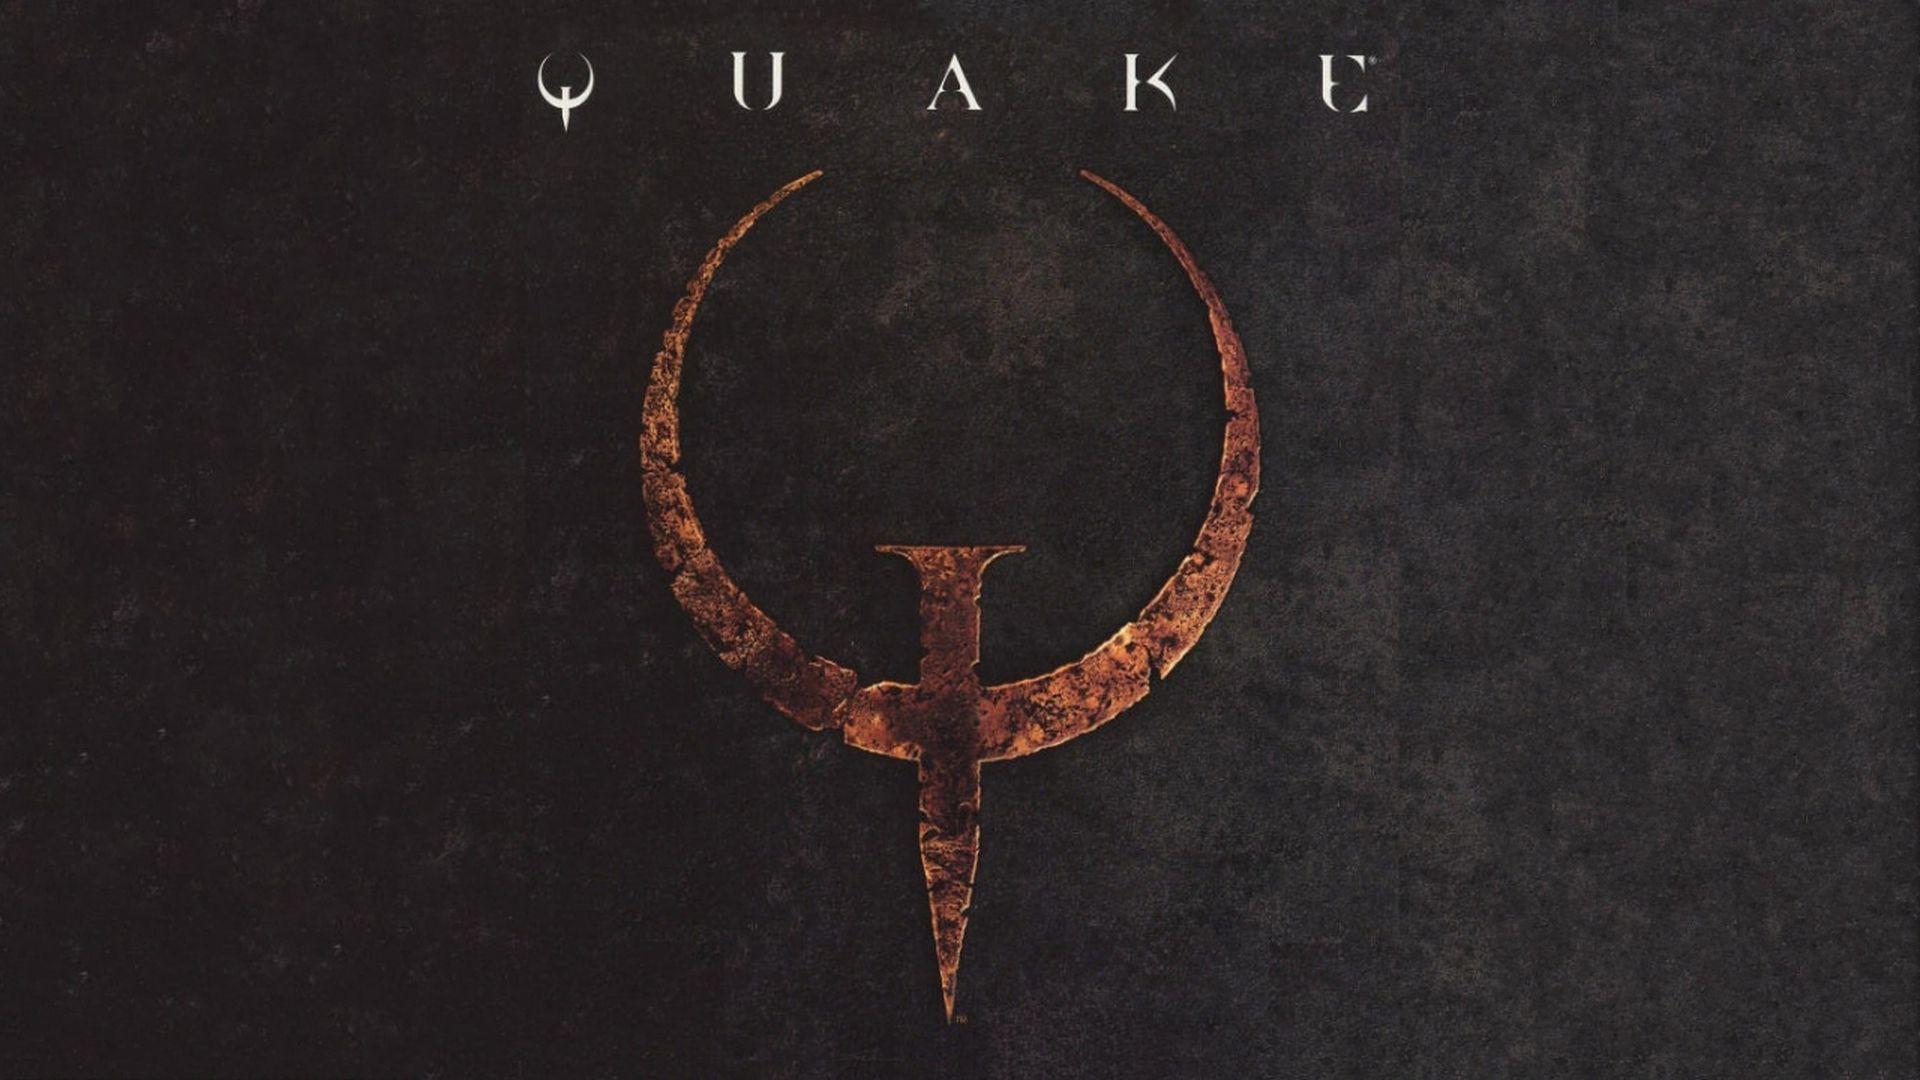 Quake Oyunlarinin Serüveni